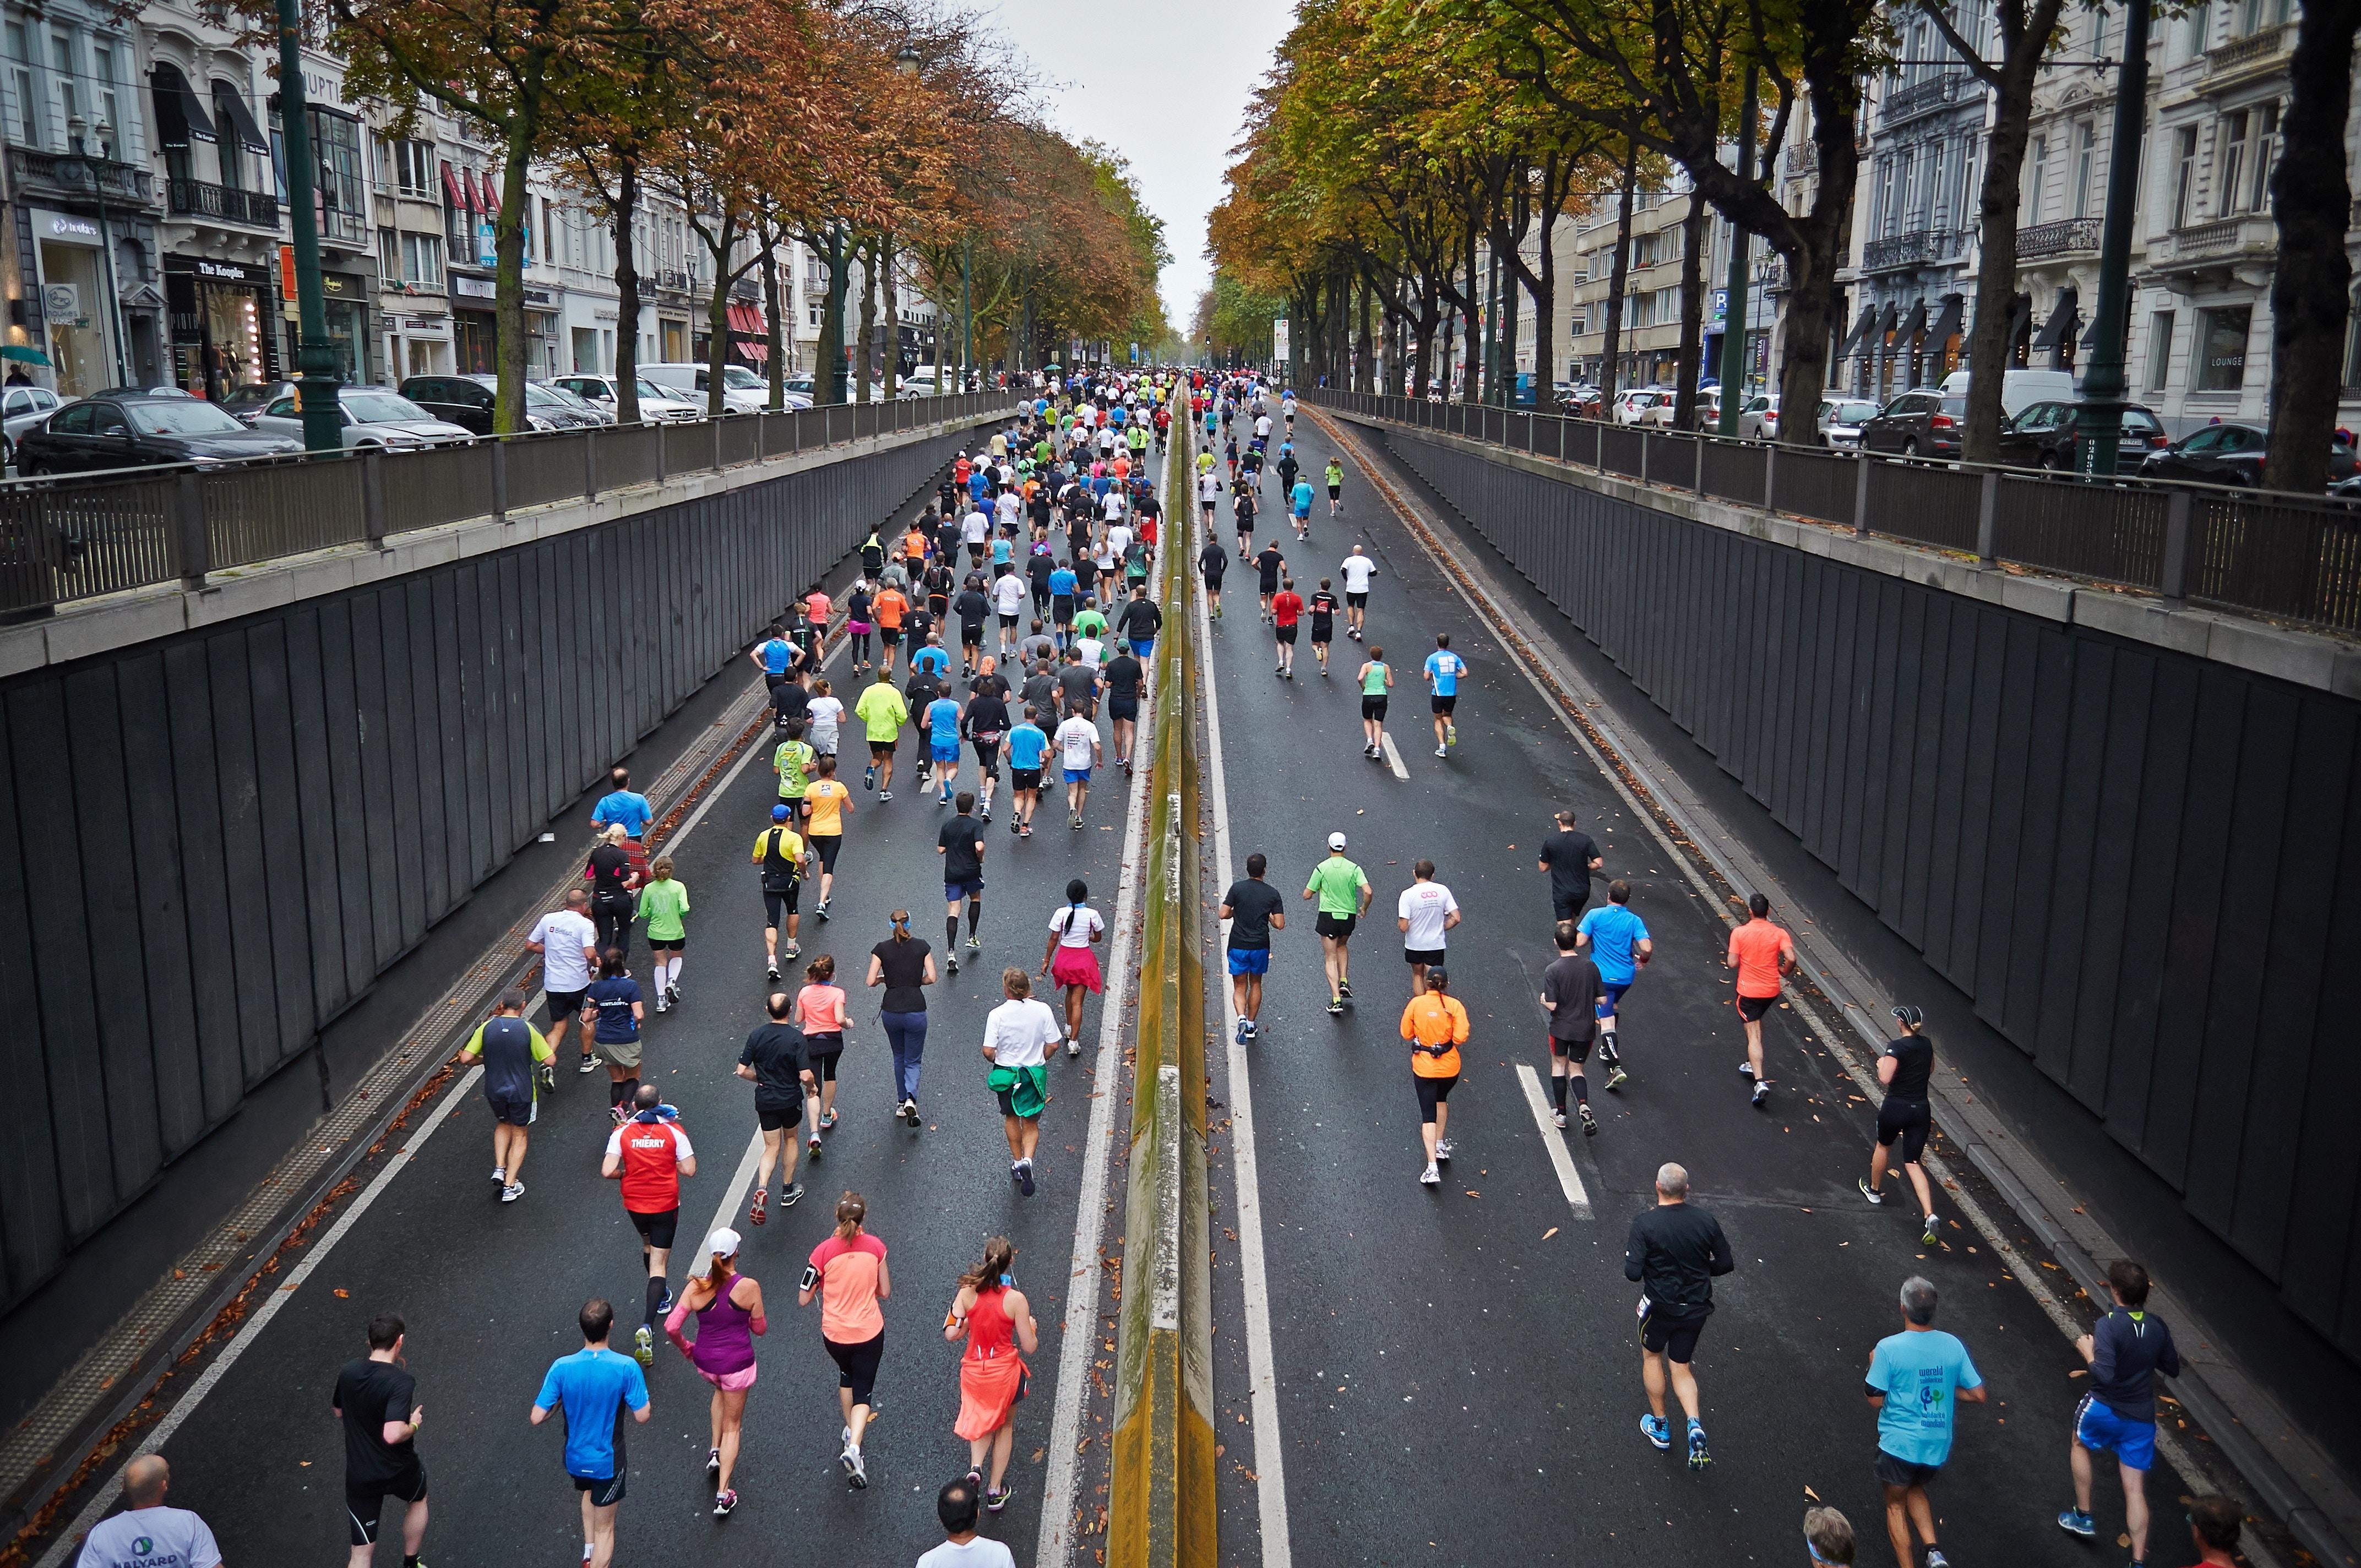 5k run registration